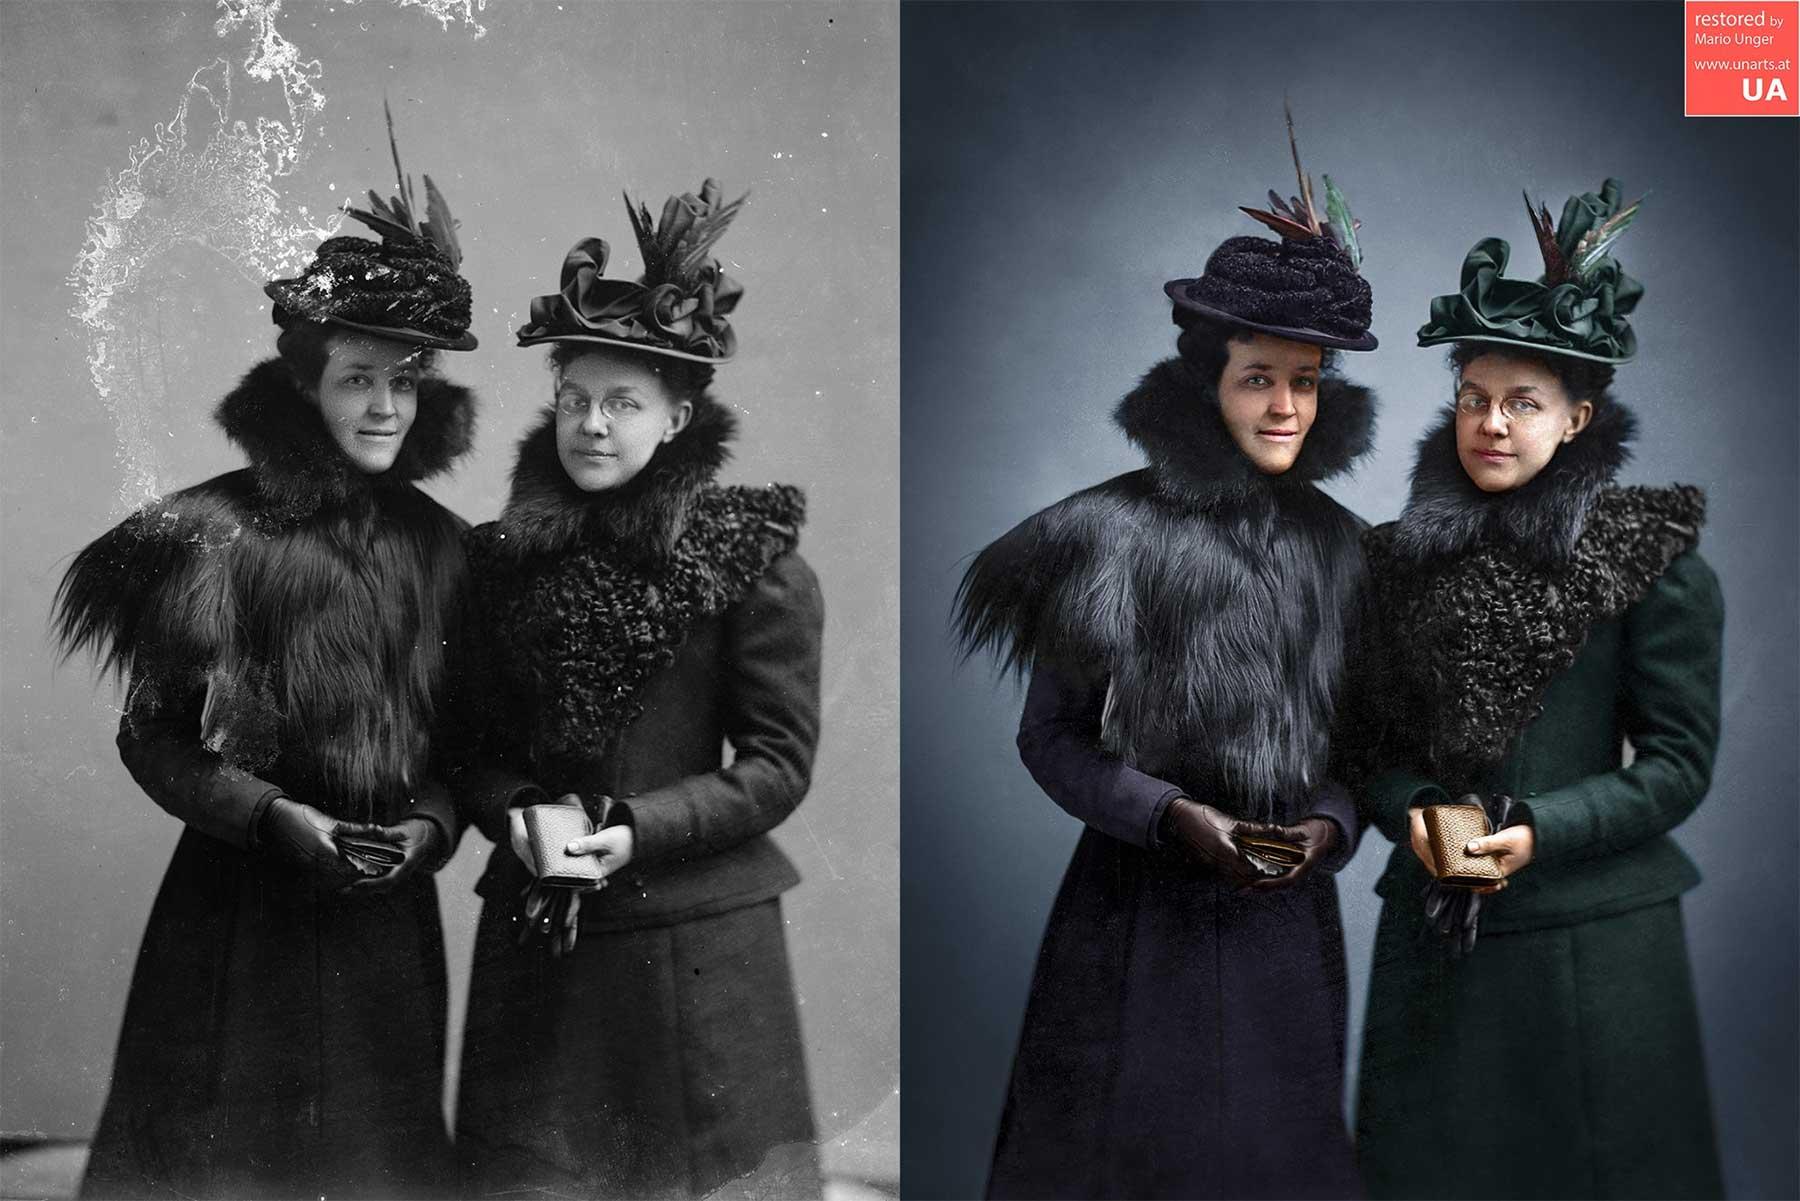 Beeindruckende Foto-Restaurationen von Mario Unger mario-unger-fotorestauration_06